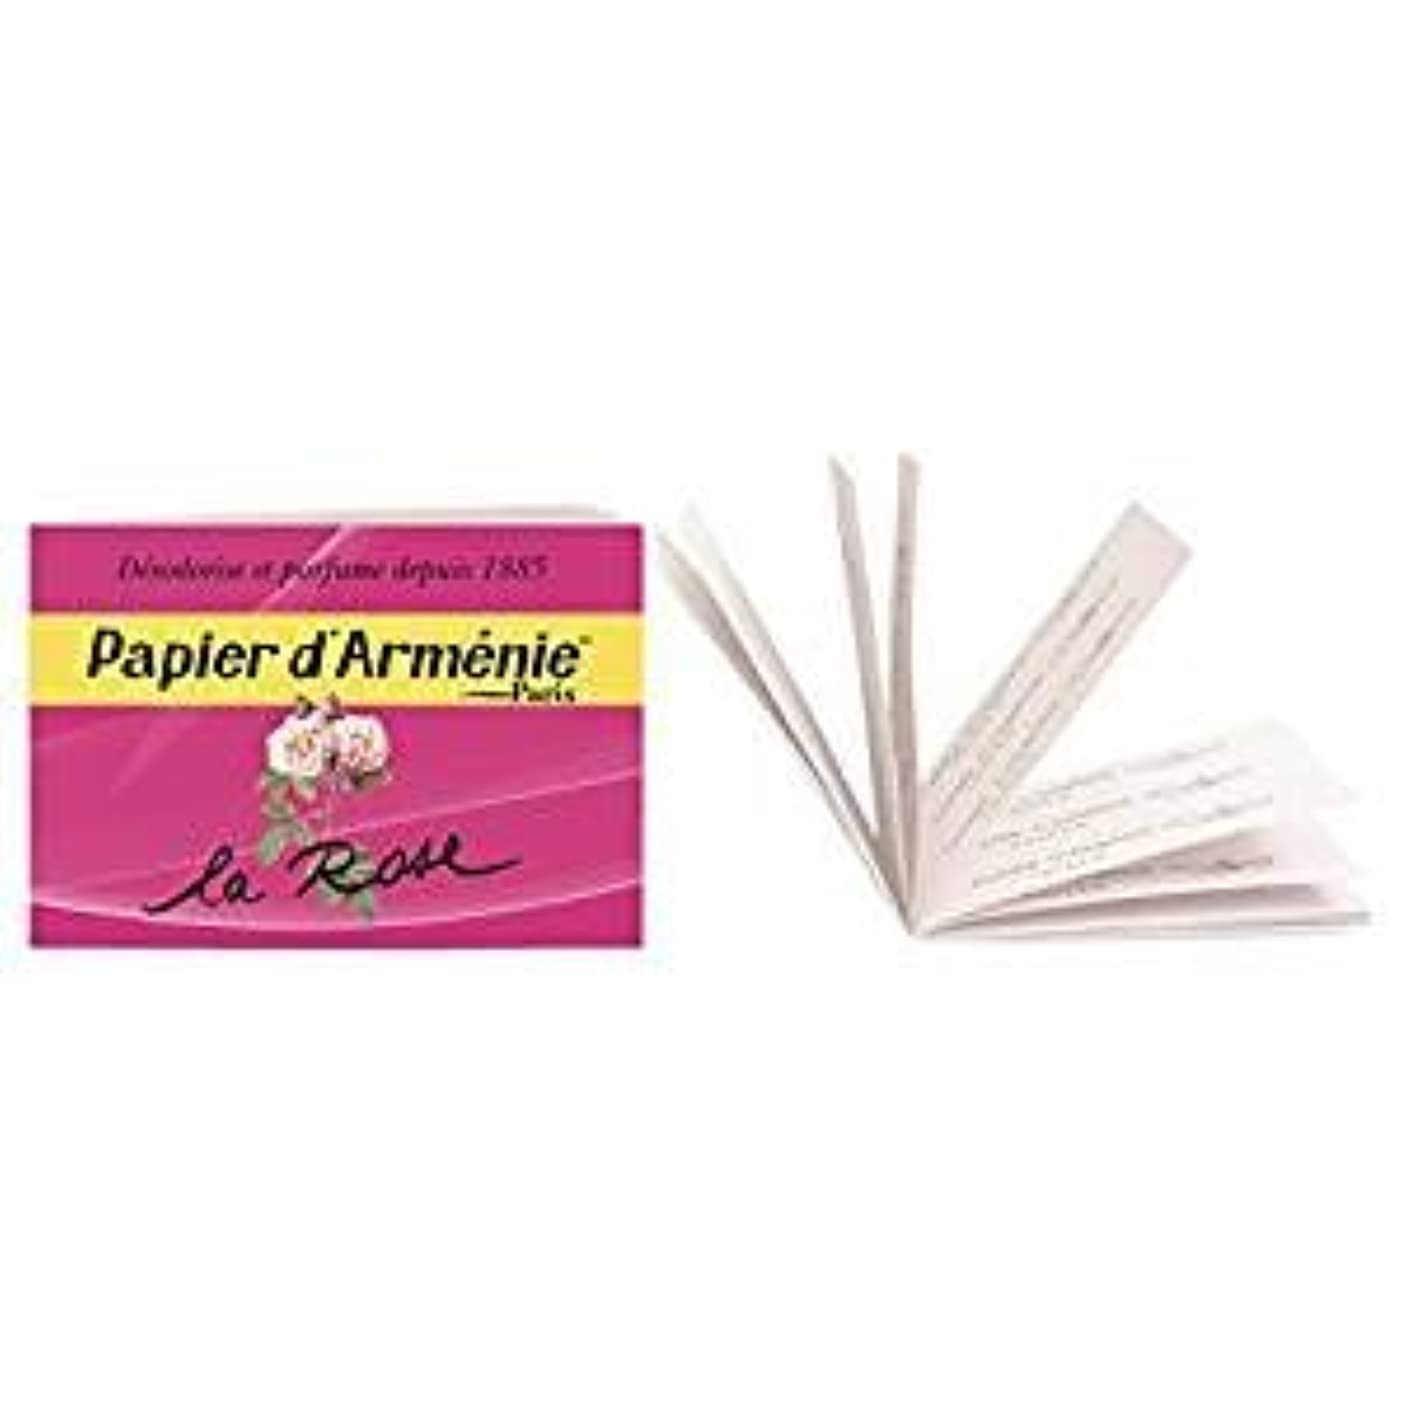 エスカレート禁止するプットPapier d'Arménie パピエダルメニイ ローズ 紙のお香 フランス直送 [並行輸入品] (1個)